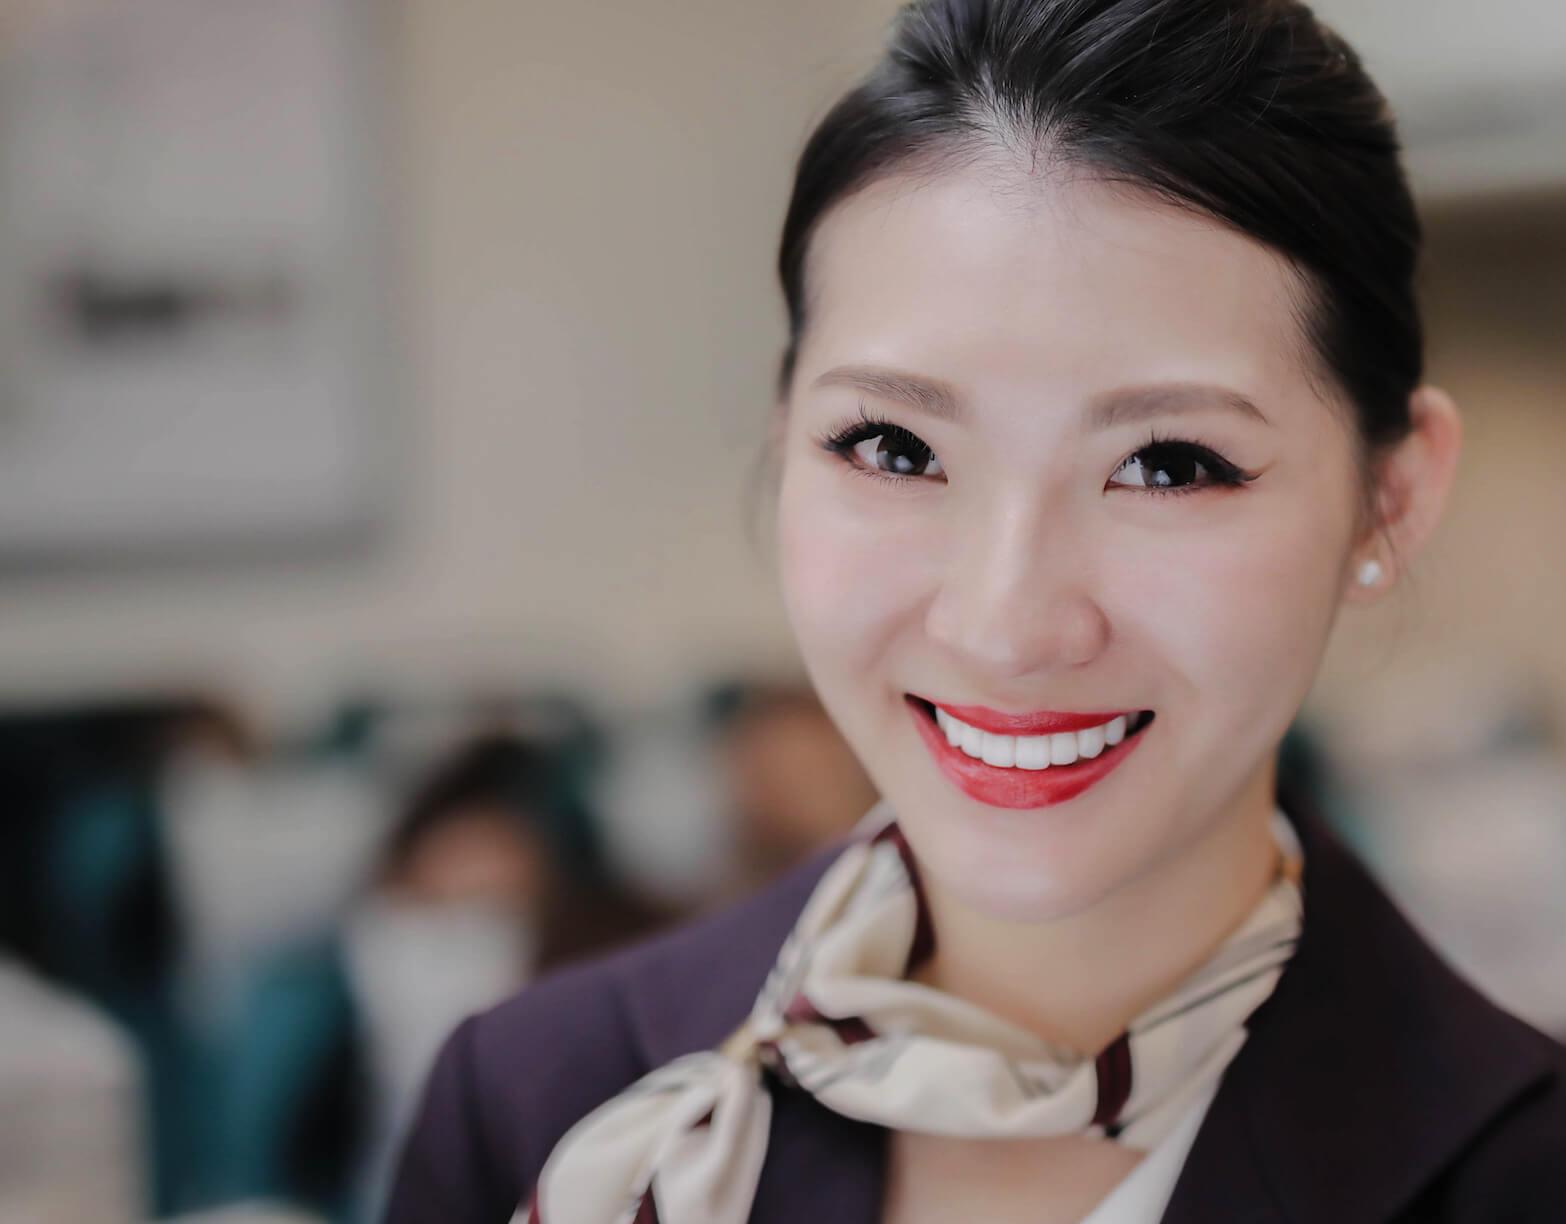 前牙美學專家 | 沈志容醫師 牙齒美白貼片空服員一日美學專案 空服員價格有優惠